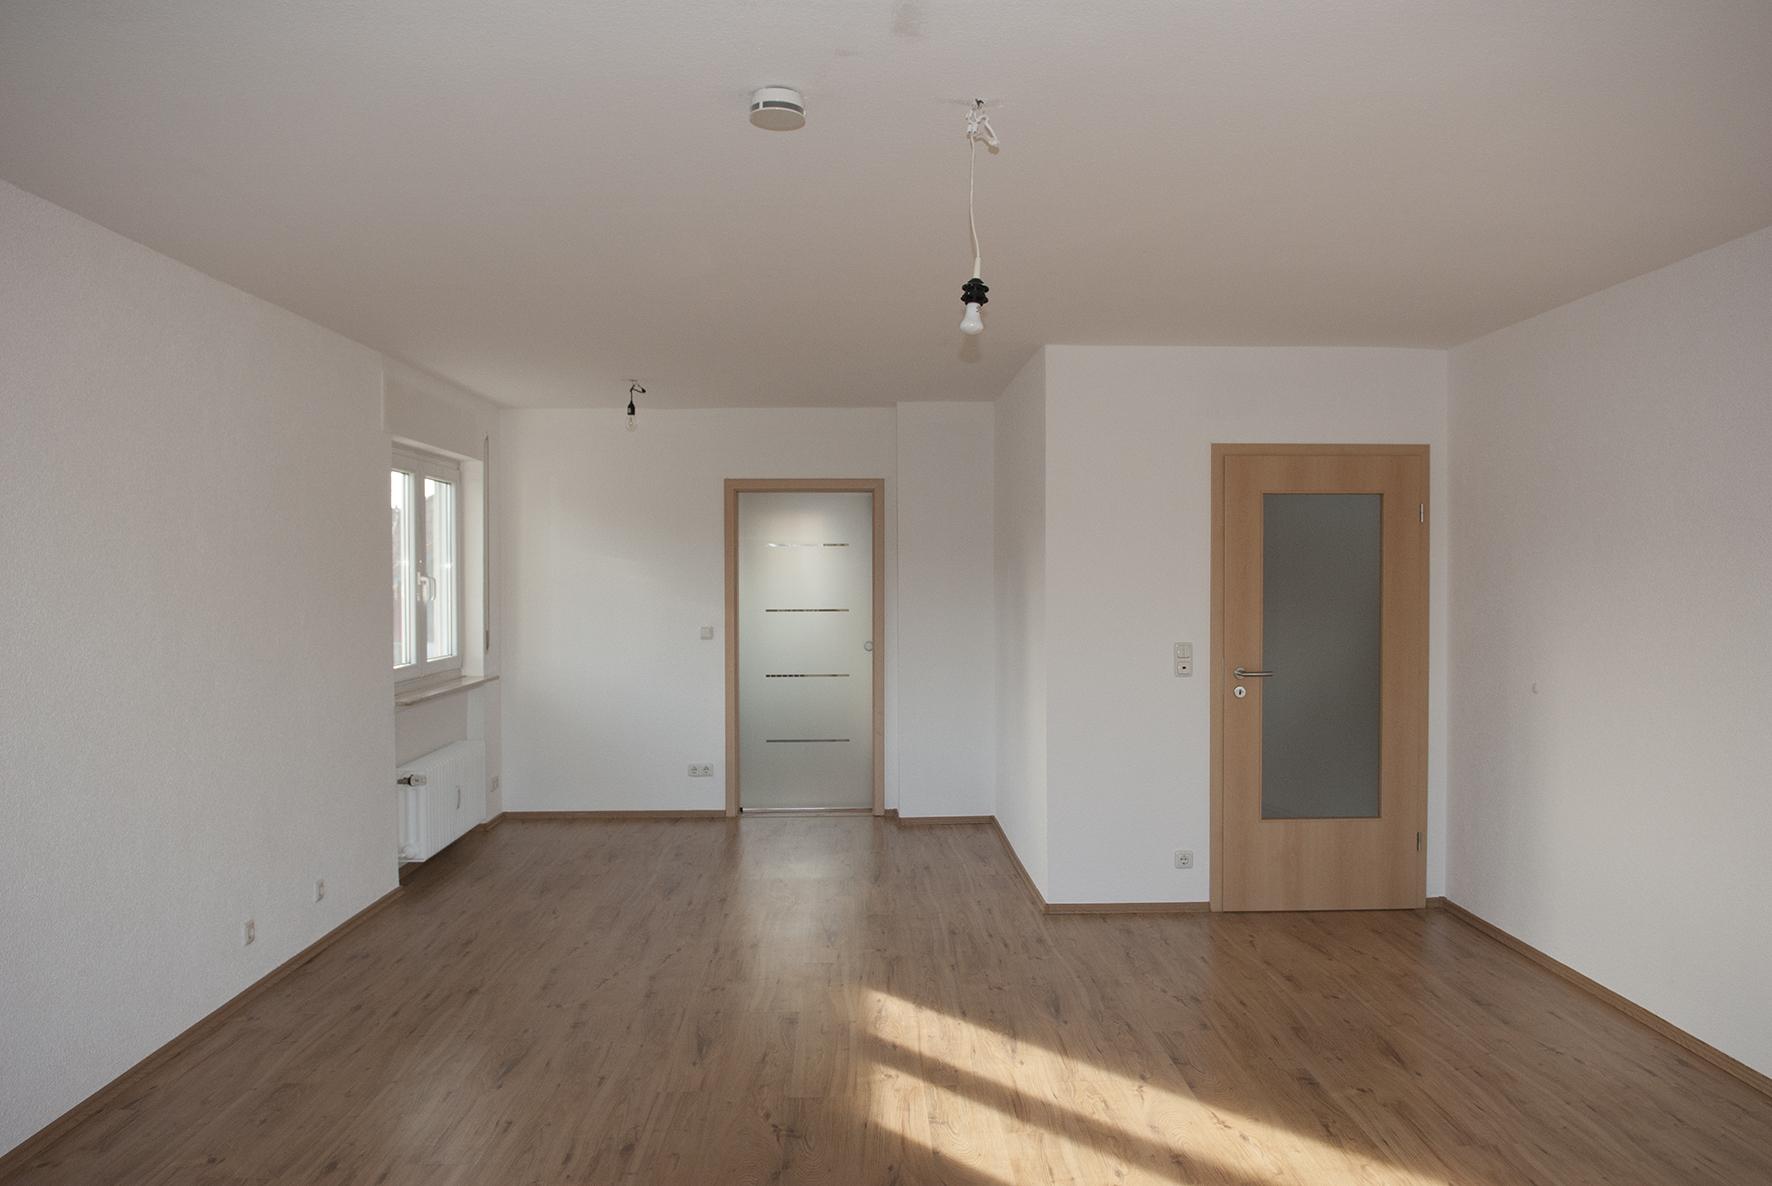 Ess-/Wohnzimmer vorher